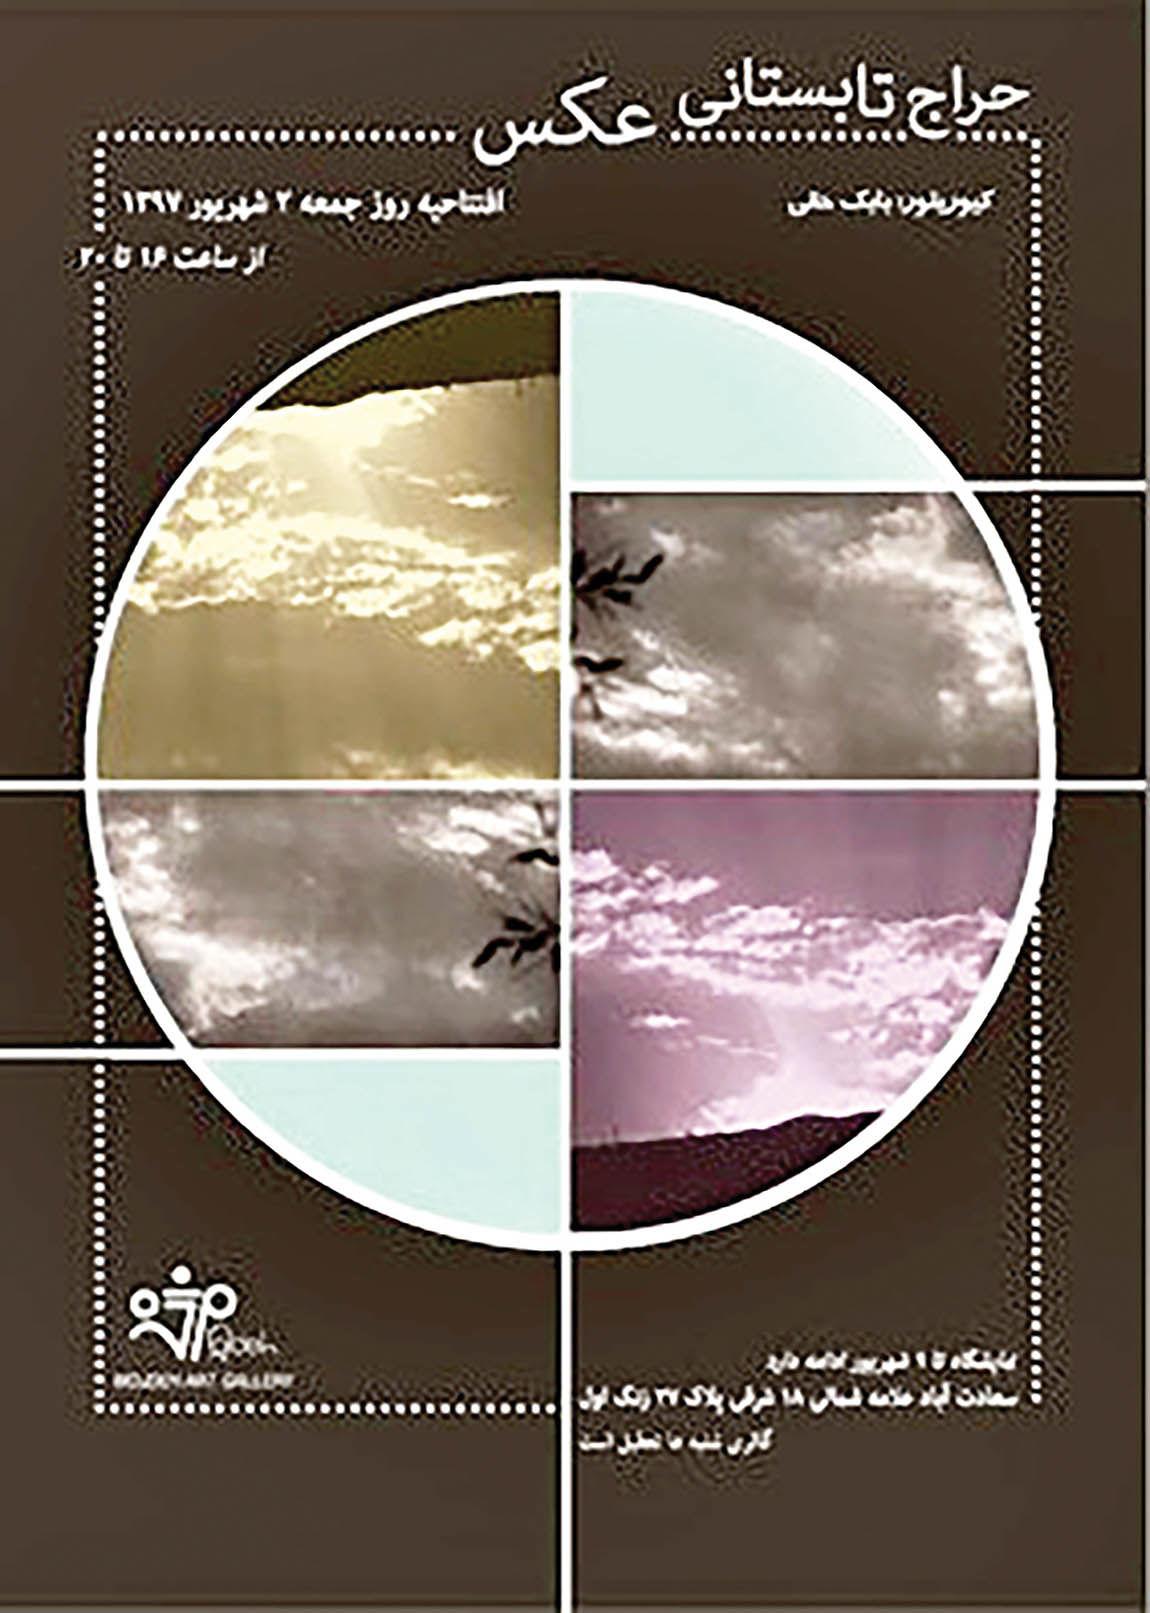 فروش عکسهای عباس کیارستمی در حراج تابستانی